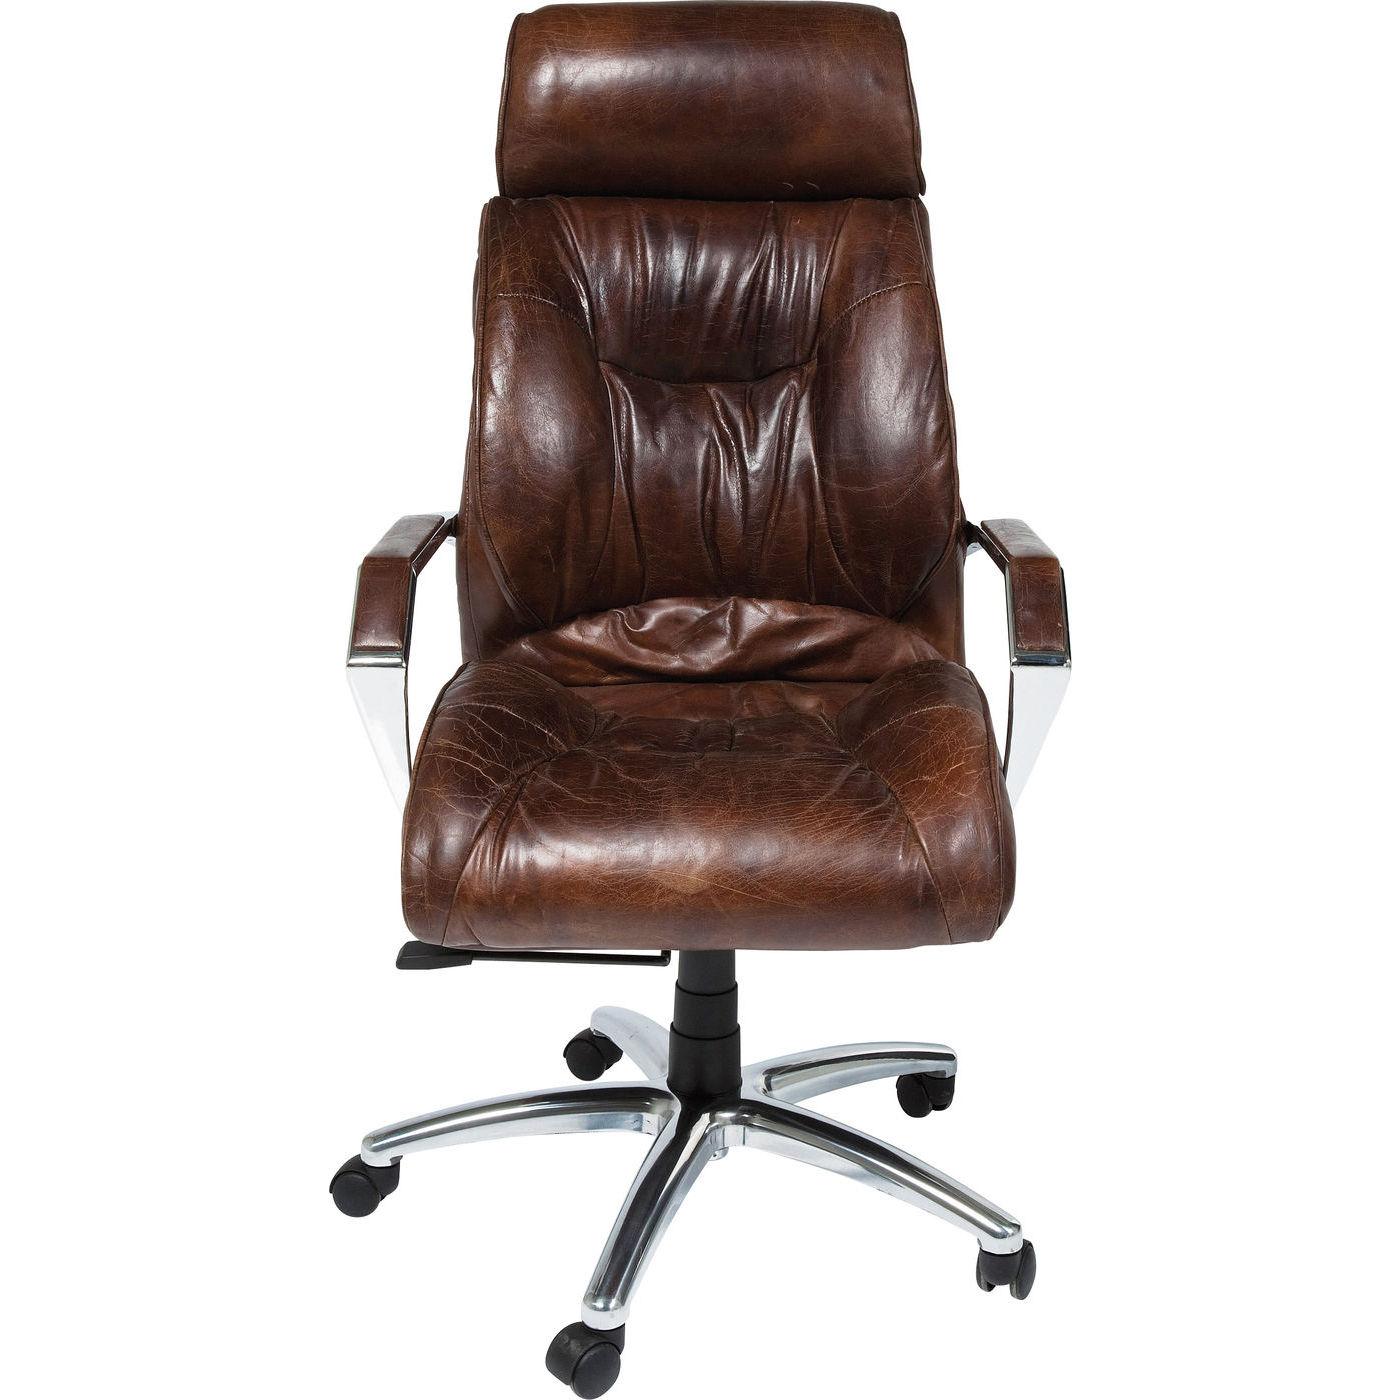 KARE DESIGN Cigar Lounge kontorstol - brunt koskind/aluminium, m. armlæn og hjul